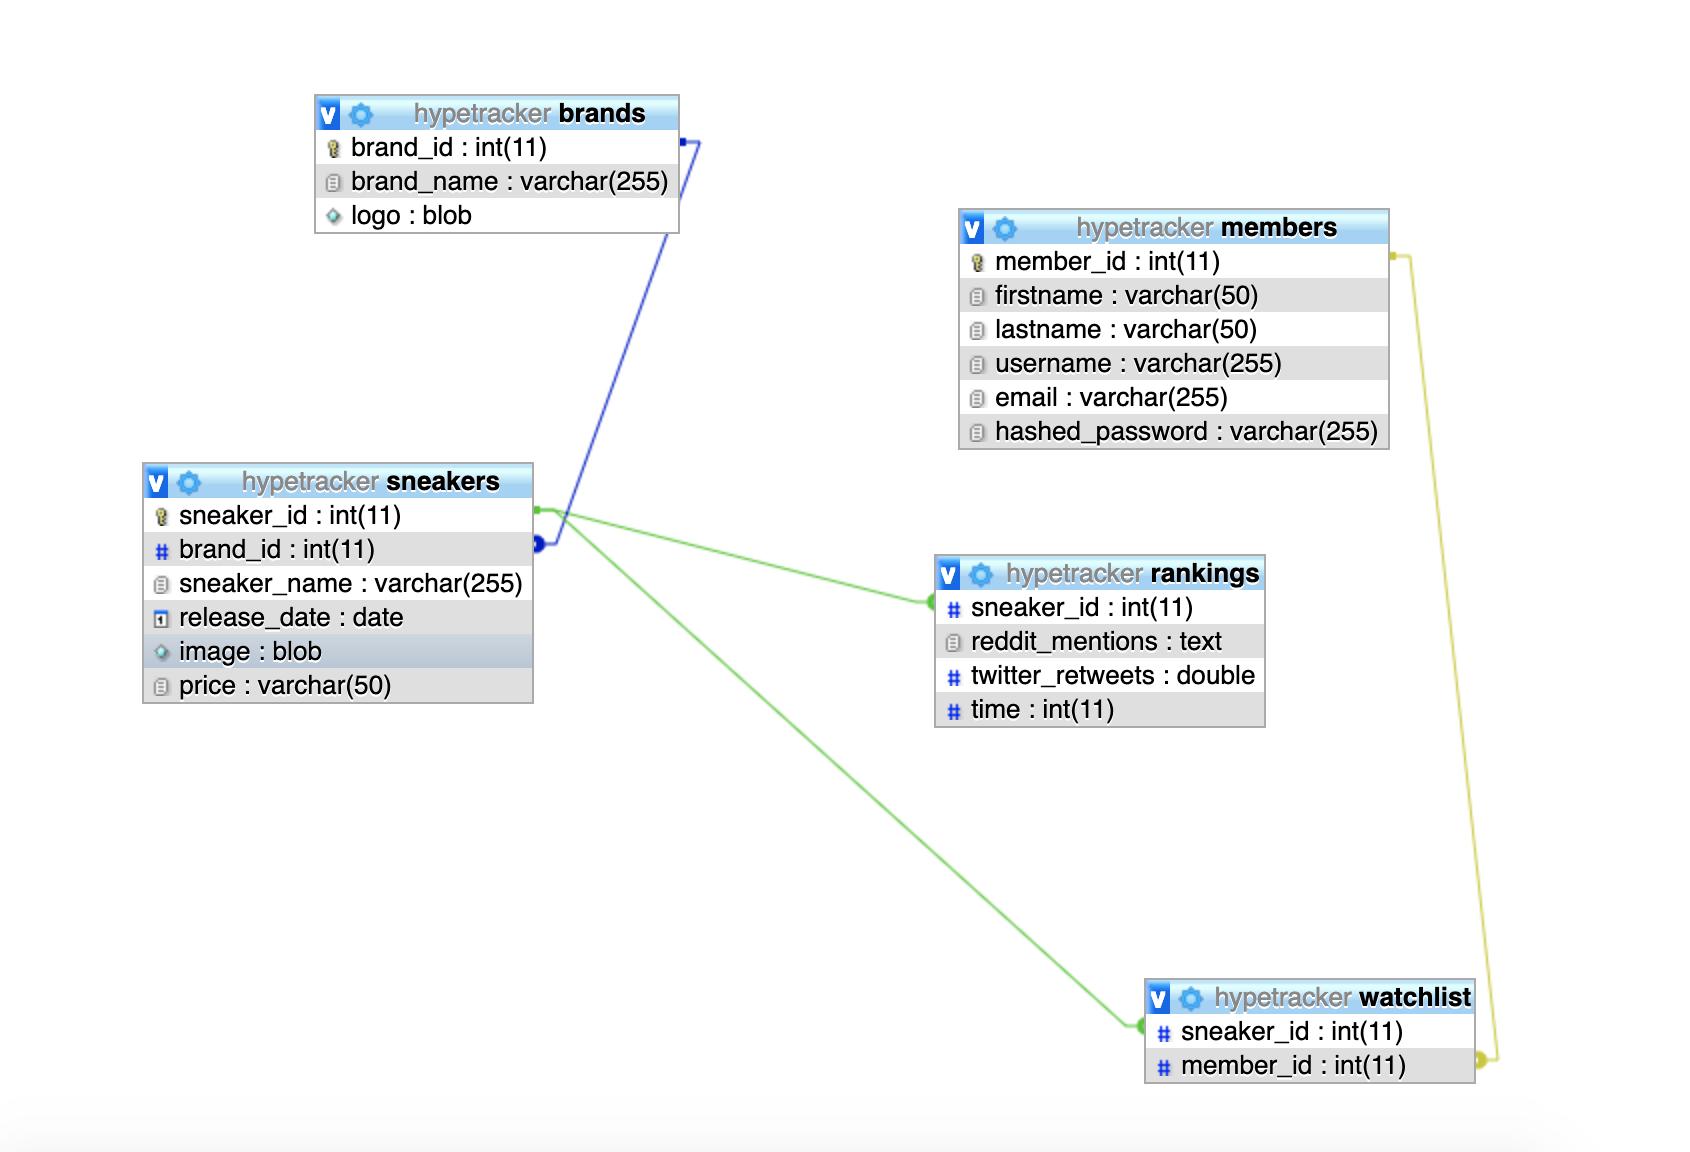 SQL Diagram for HypeTracker